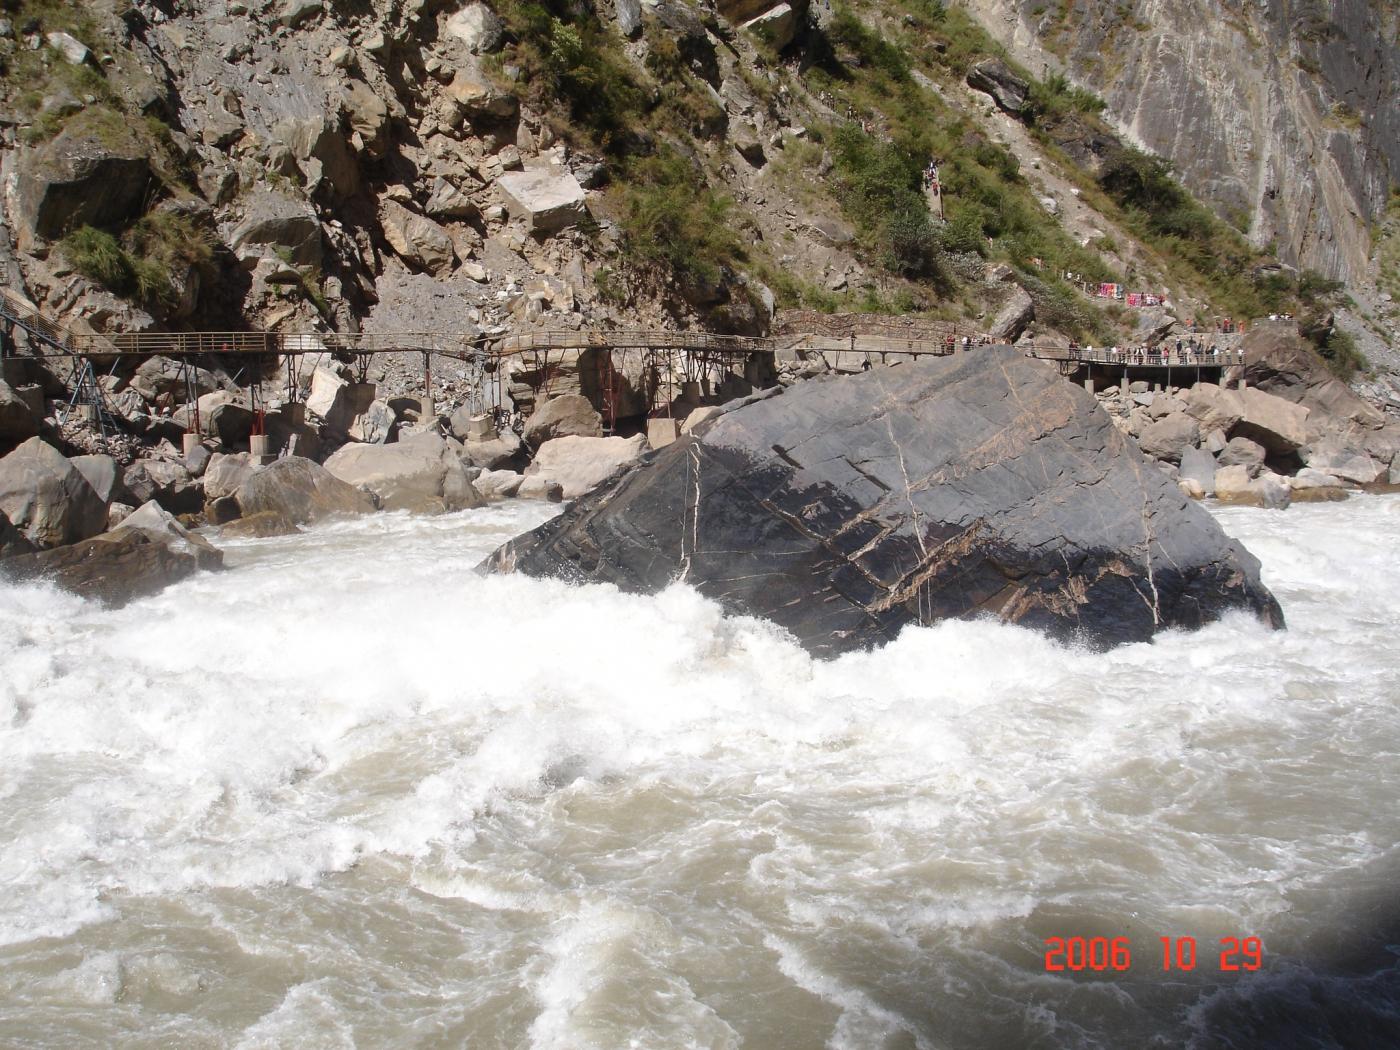 【汉良子】虎跳峡--中国最深的峡谷之一(图)_图1-3